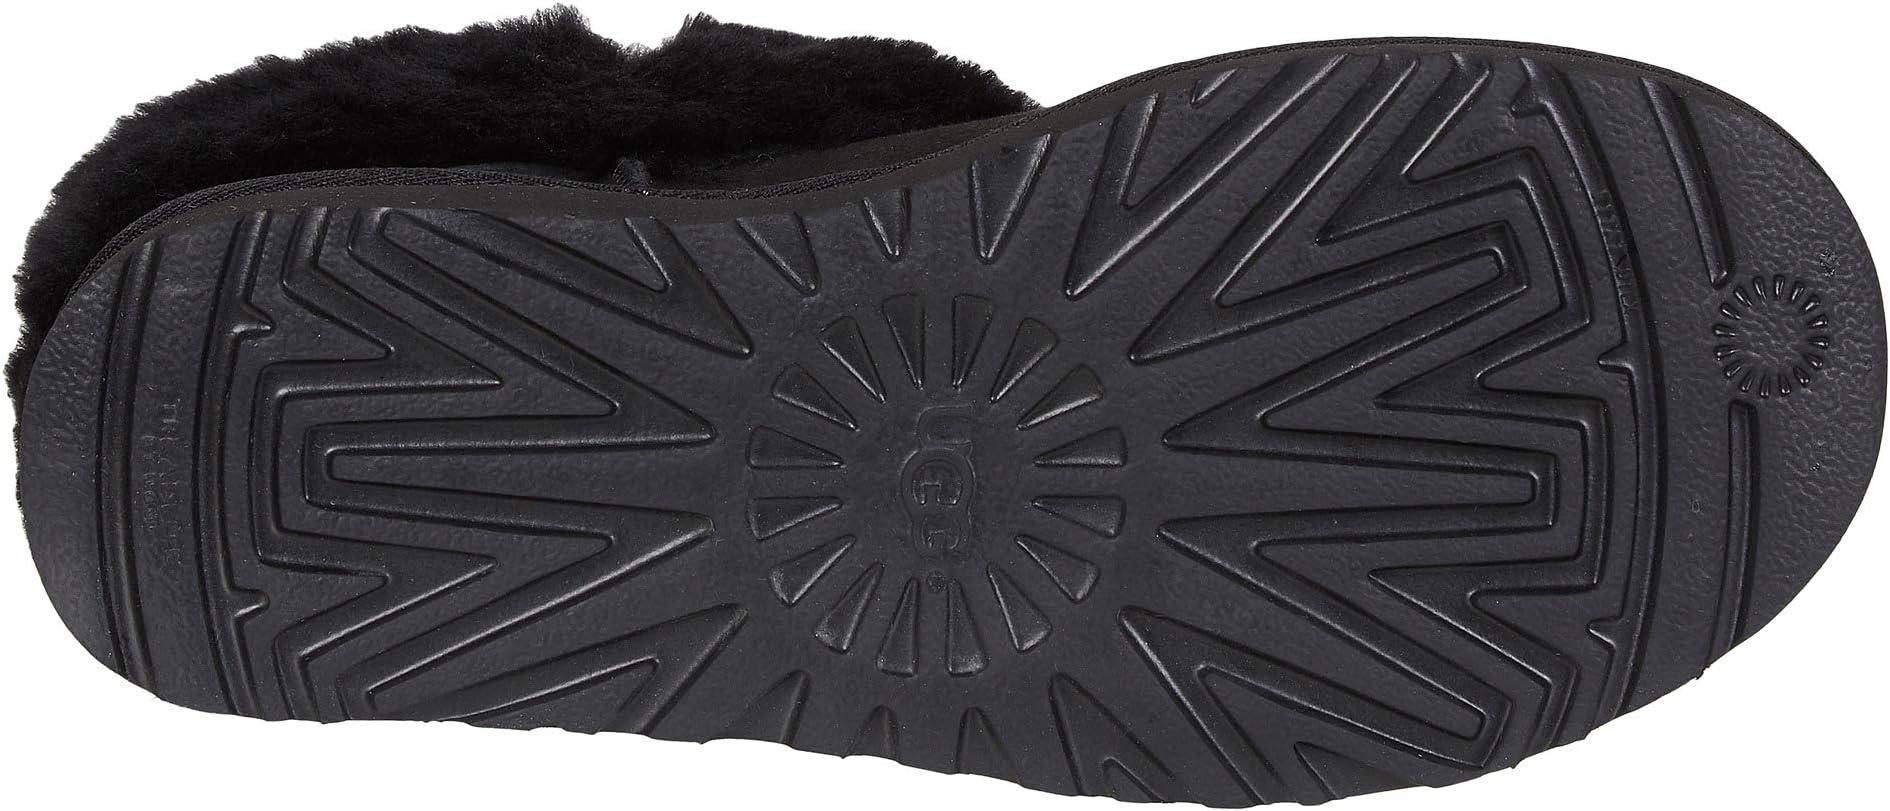 UGG Classic Mini Fluff | Women's shoes | 2020 Newest